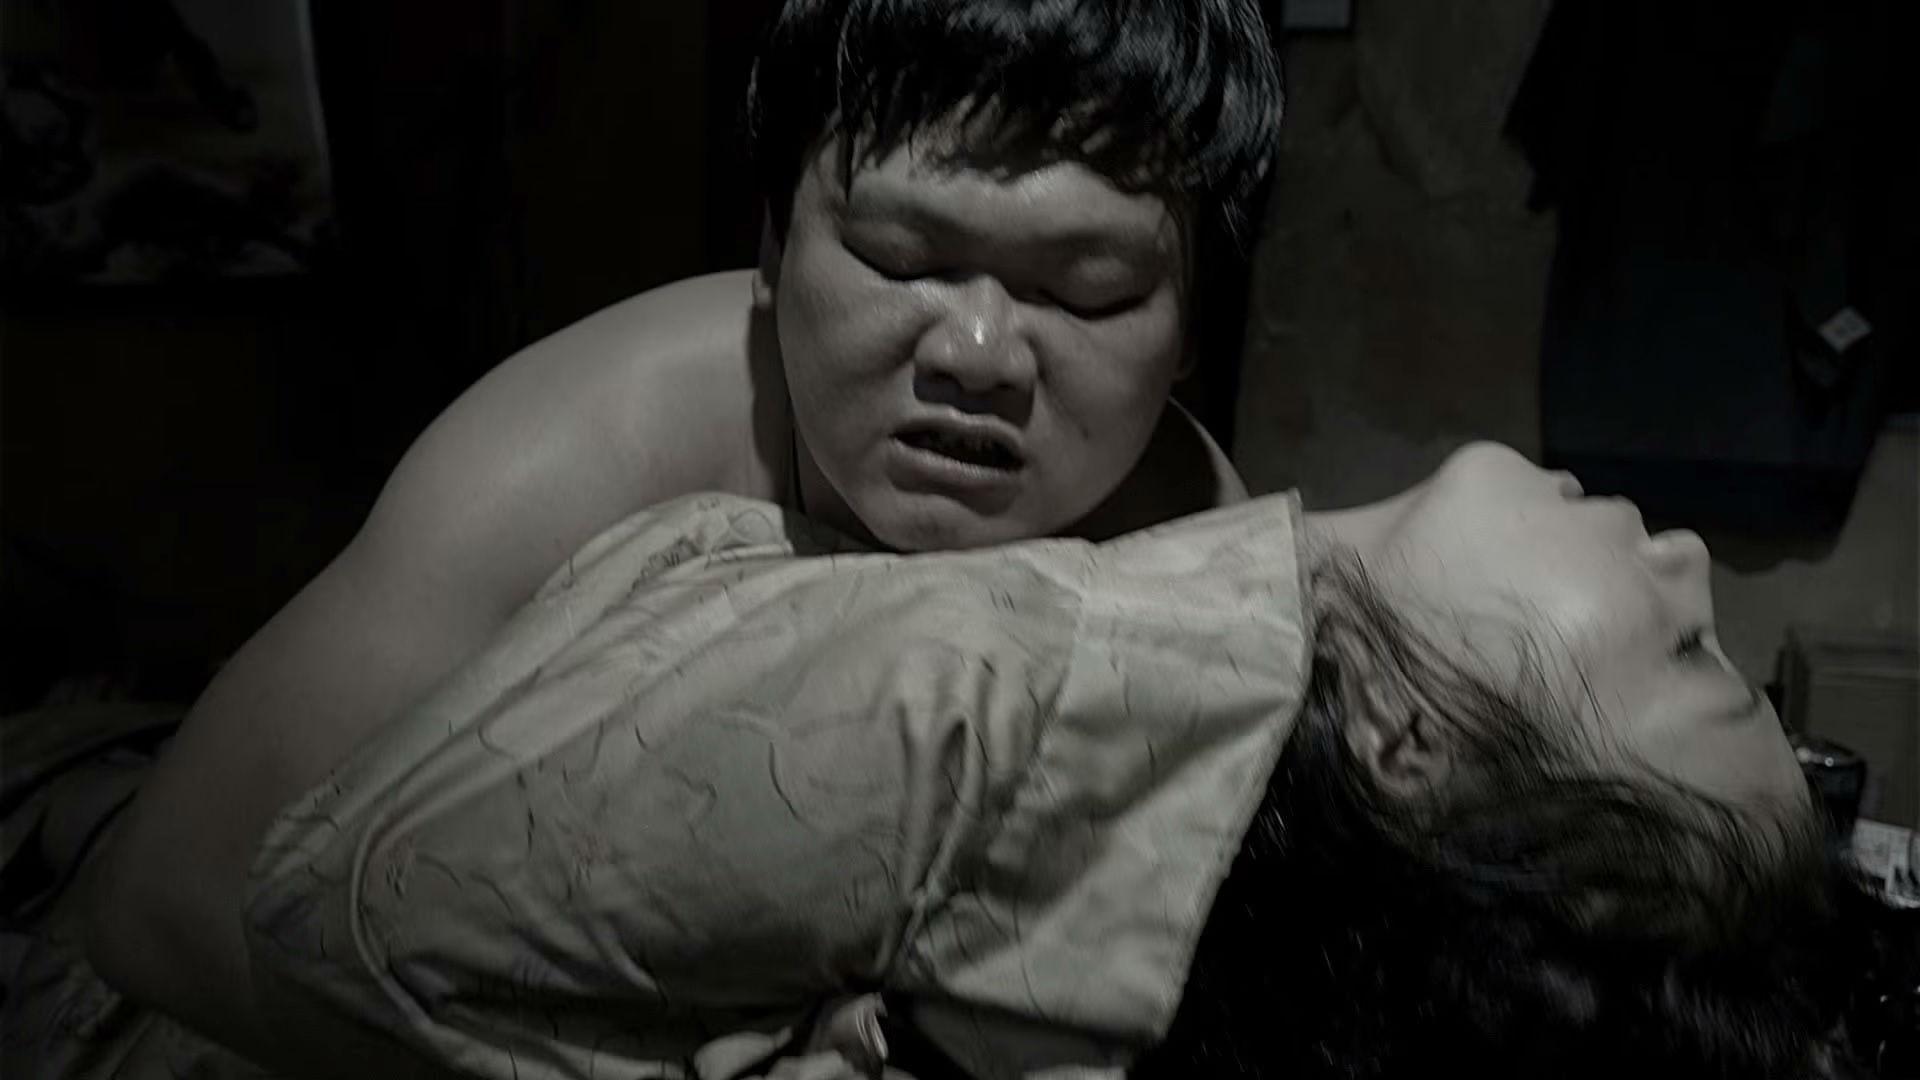 Ly kỳ phim về vụ chặt xác gây chấn động Hong Kong - 13